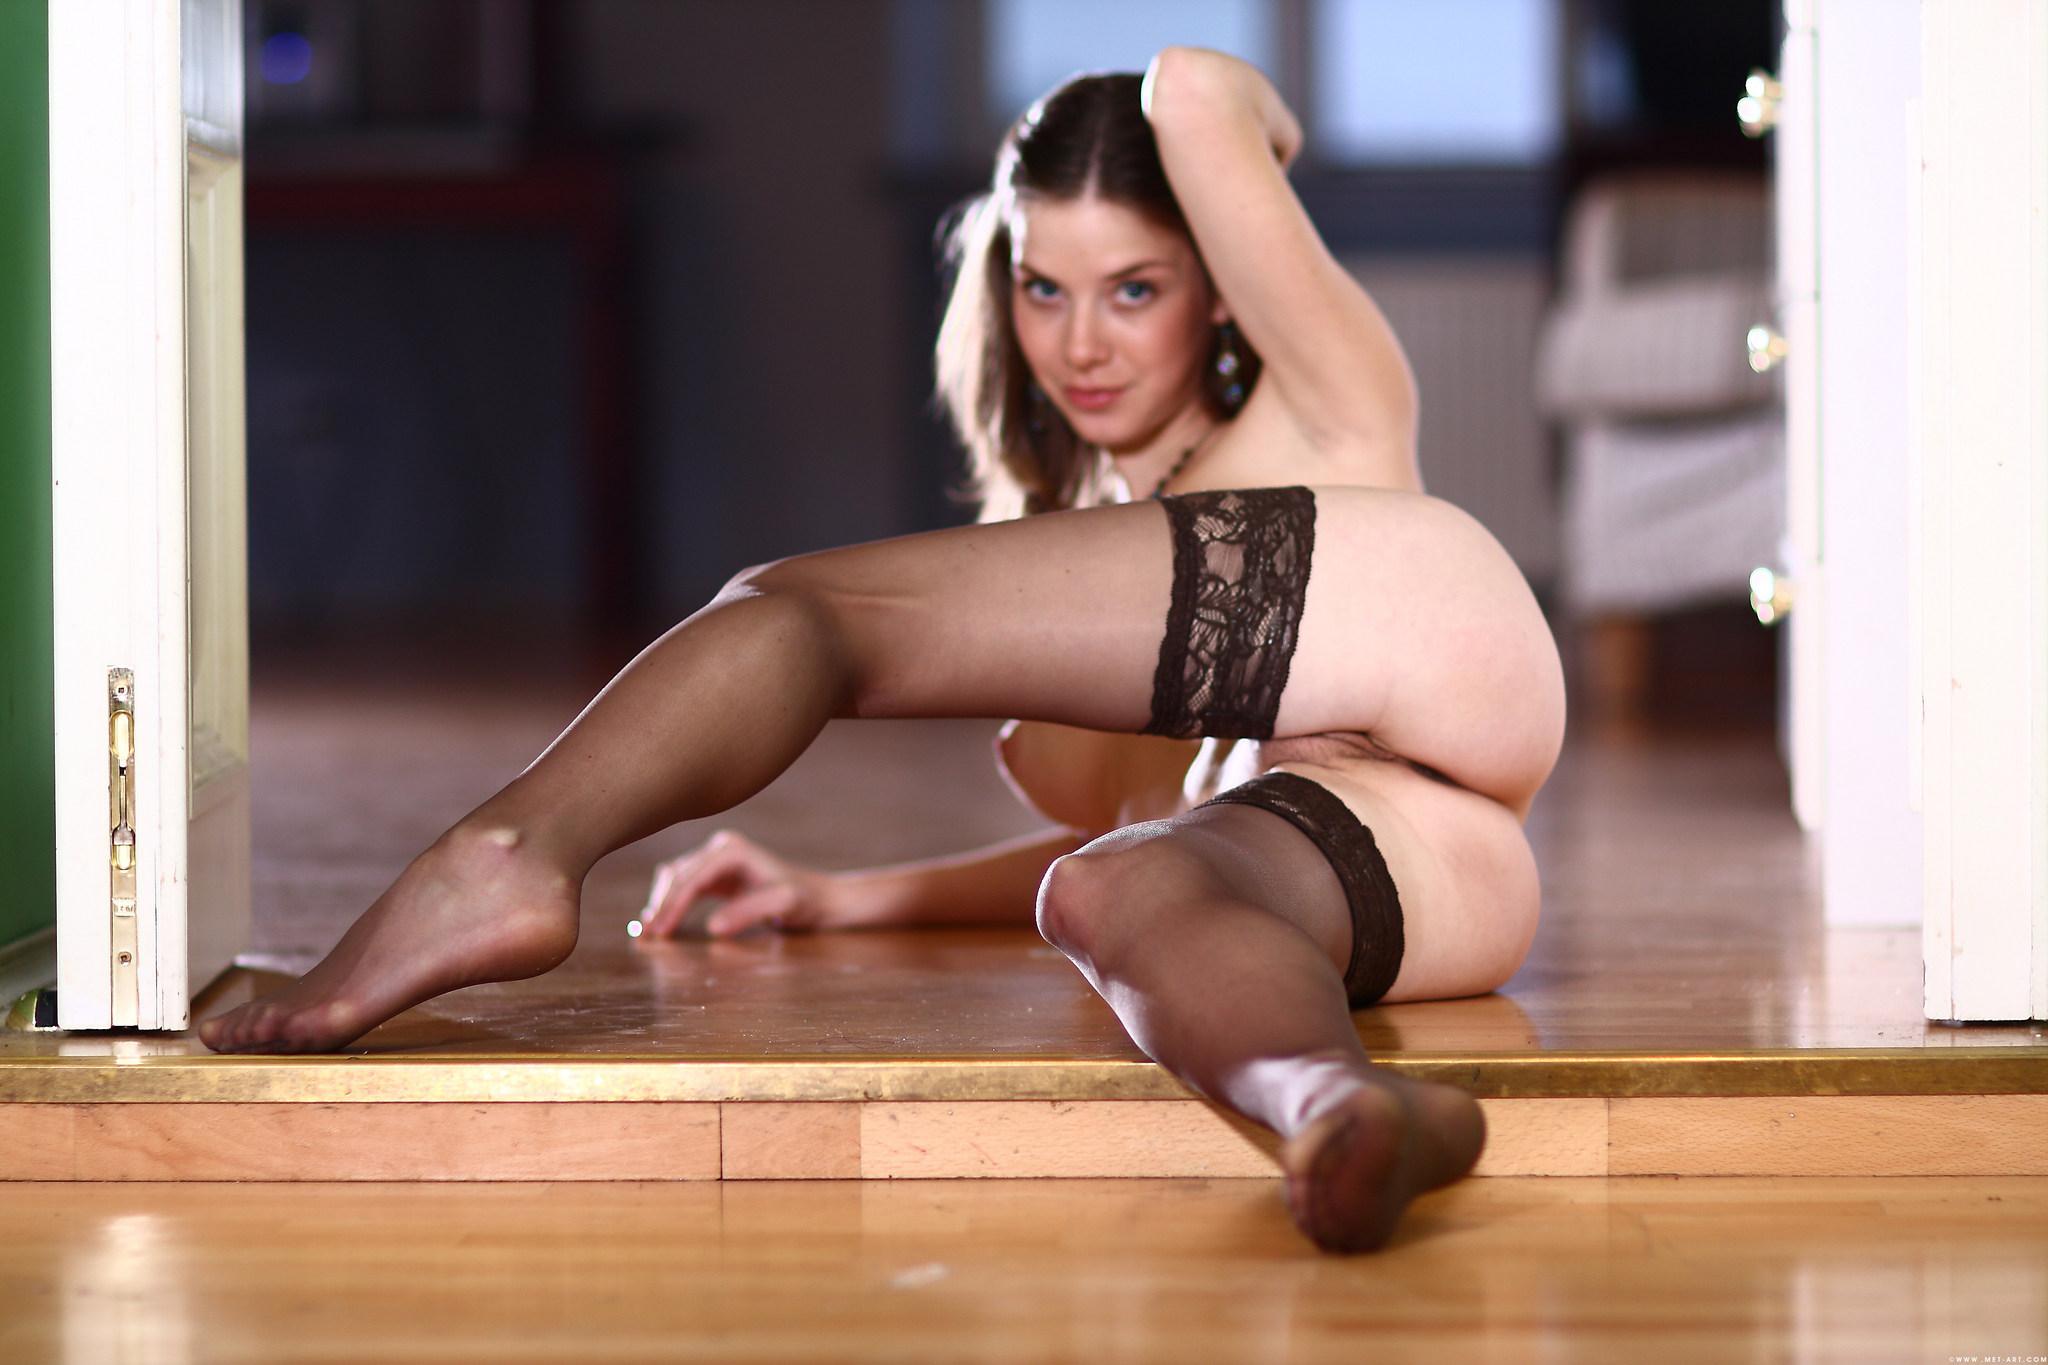 русская порно актриса anita